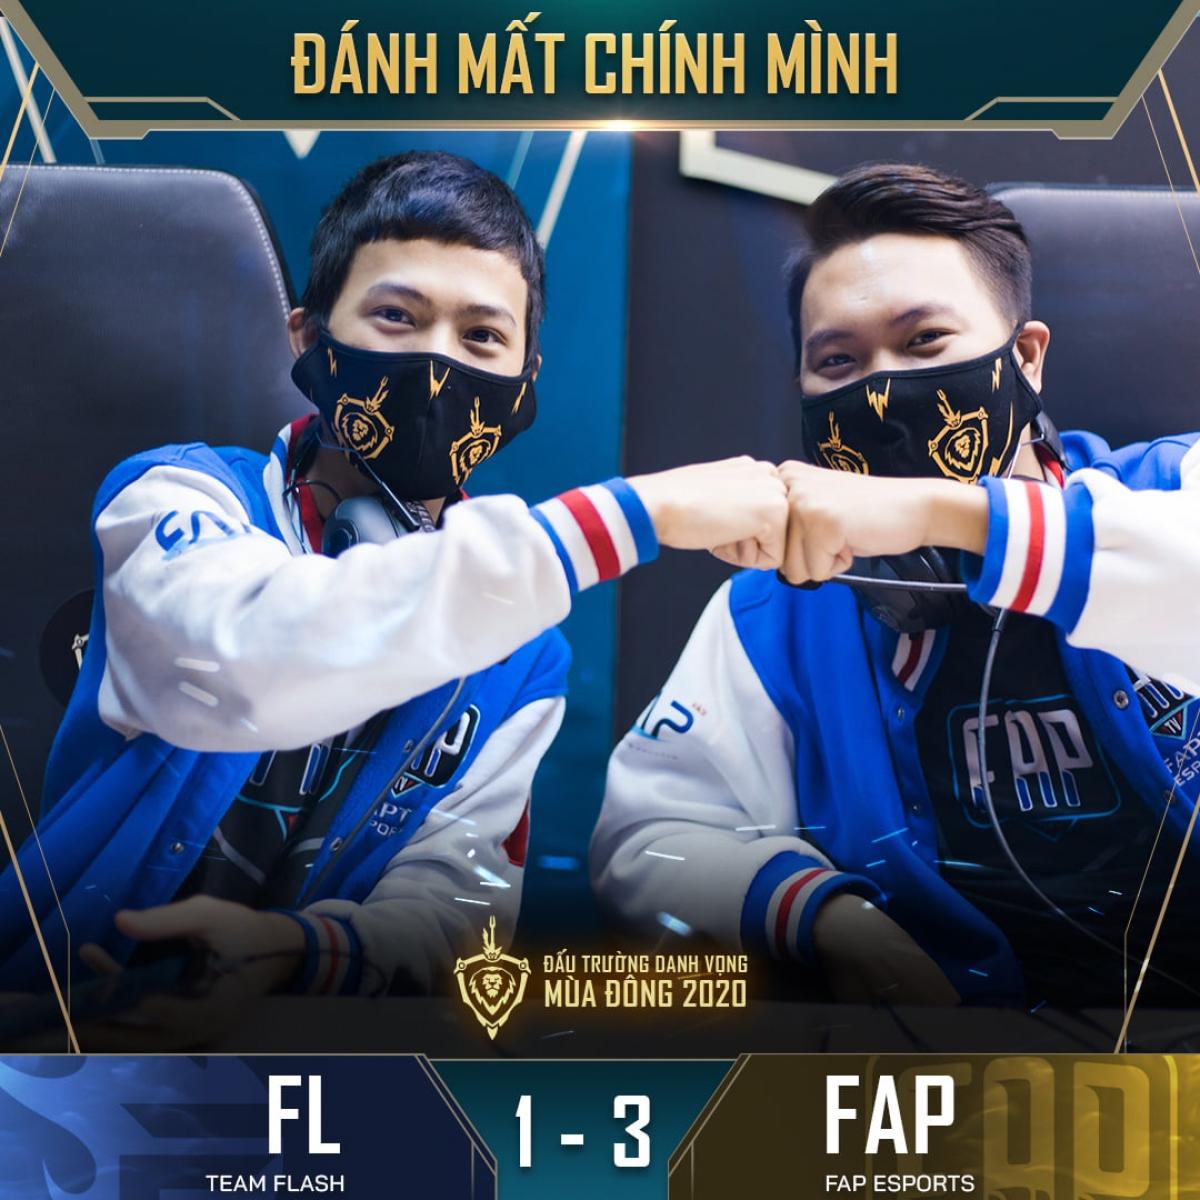 KhiênG (Vương Trung Khiên) cùng WhiteT (Lê Quyết Thắng) có ngày thi đấu tỏa sáng giúp FAP eSports giành chiến thắng thuyết phục 3-1 trước ĐKVĐ Team Flash. (Ảnh: Cao thủ Liên quân).